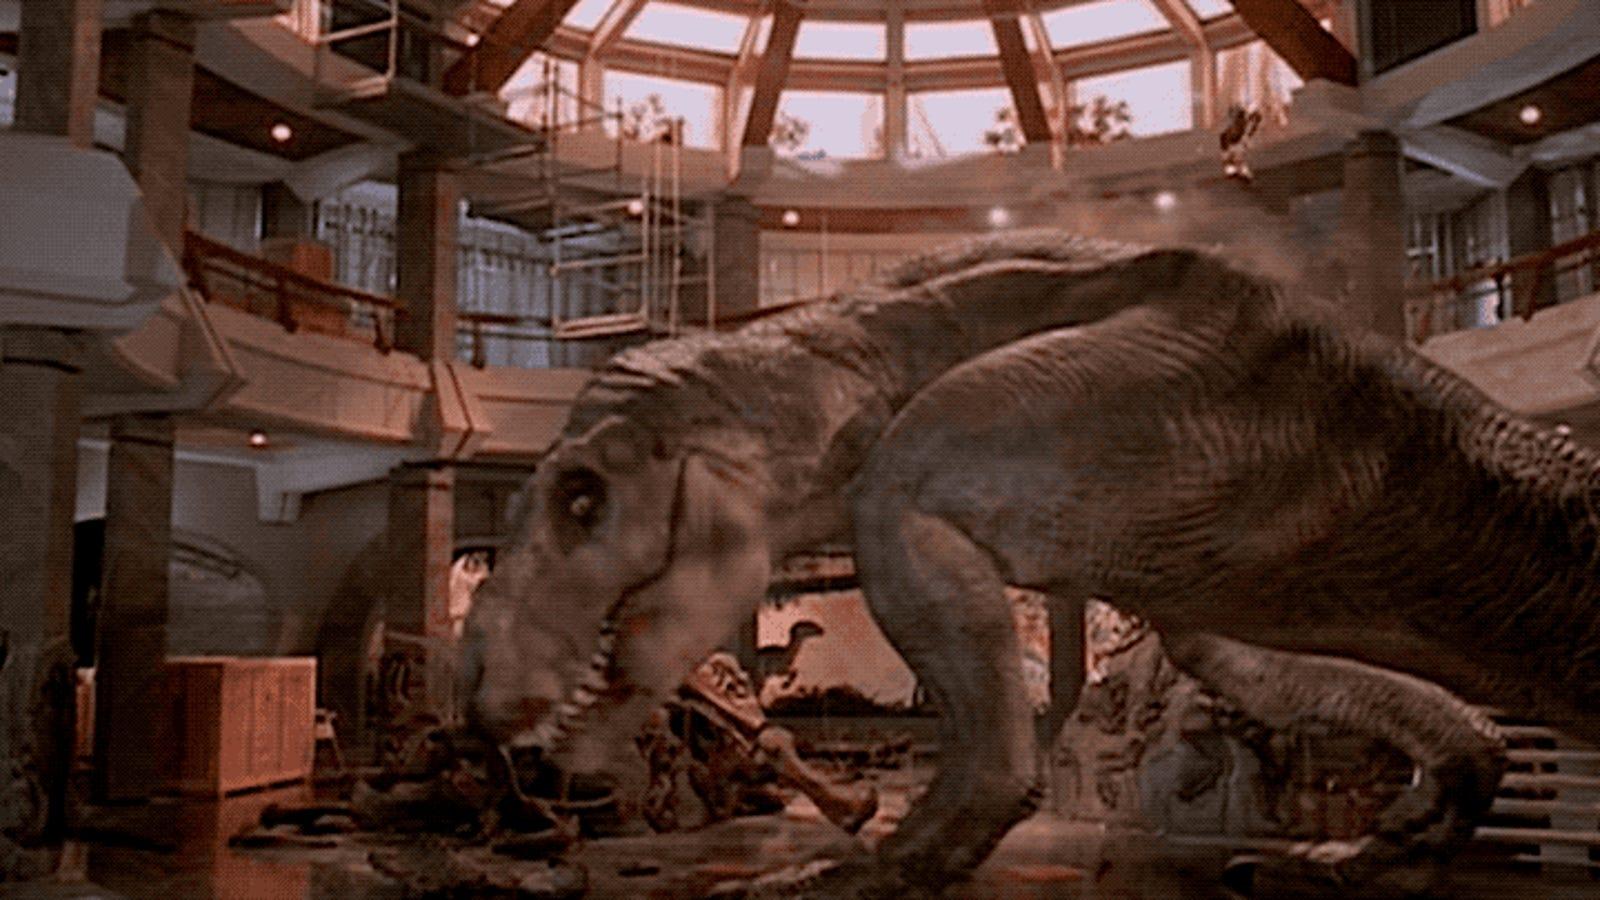 La escena final de Jurassic Park era completamente diferente en el storyboard original